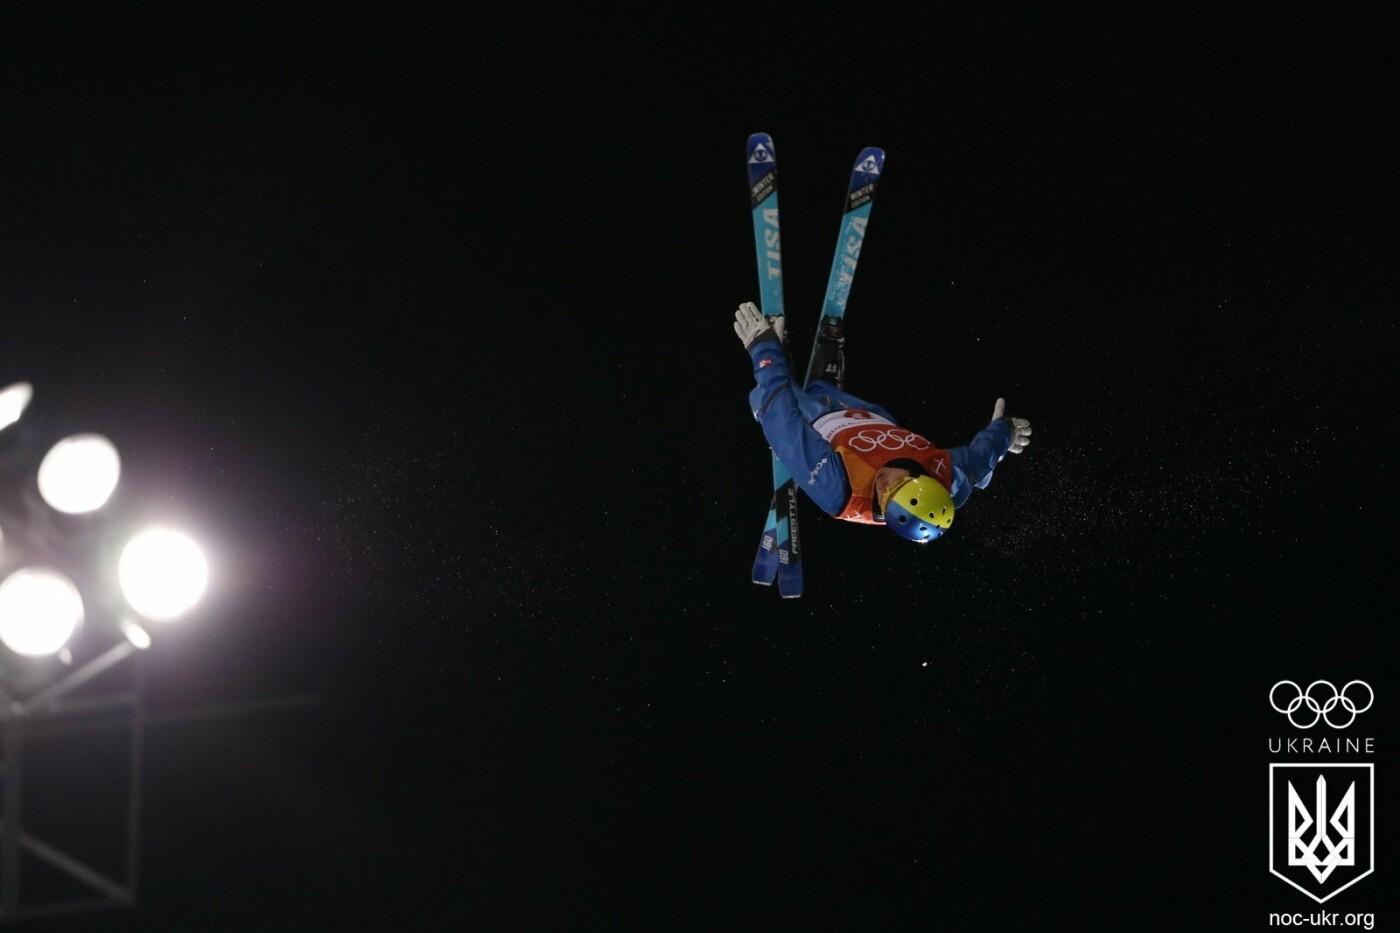 Украинец завоевал золотую медаль в зимних Олимпийских играх. Впервые в истории в лыжной дисциплине, фото-1